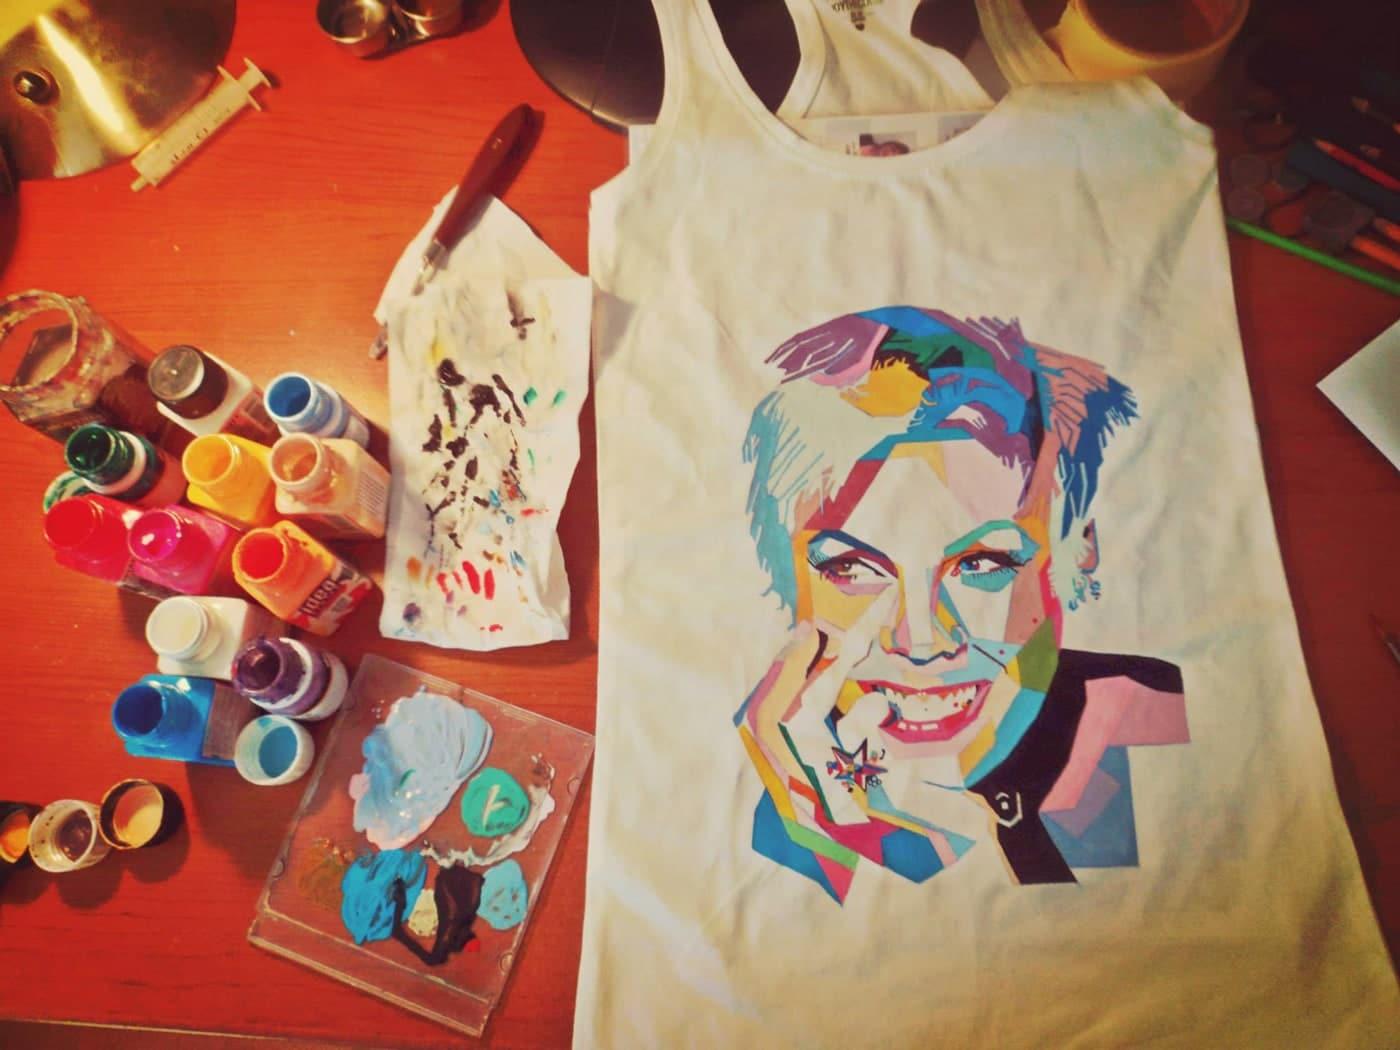 اموزش نقاشی روی تی شرت